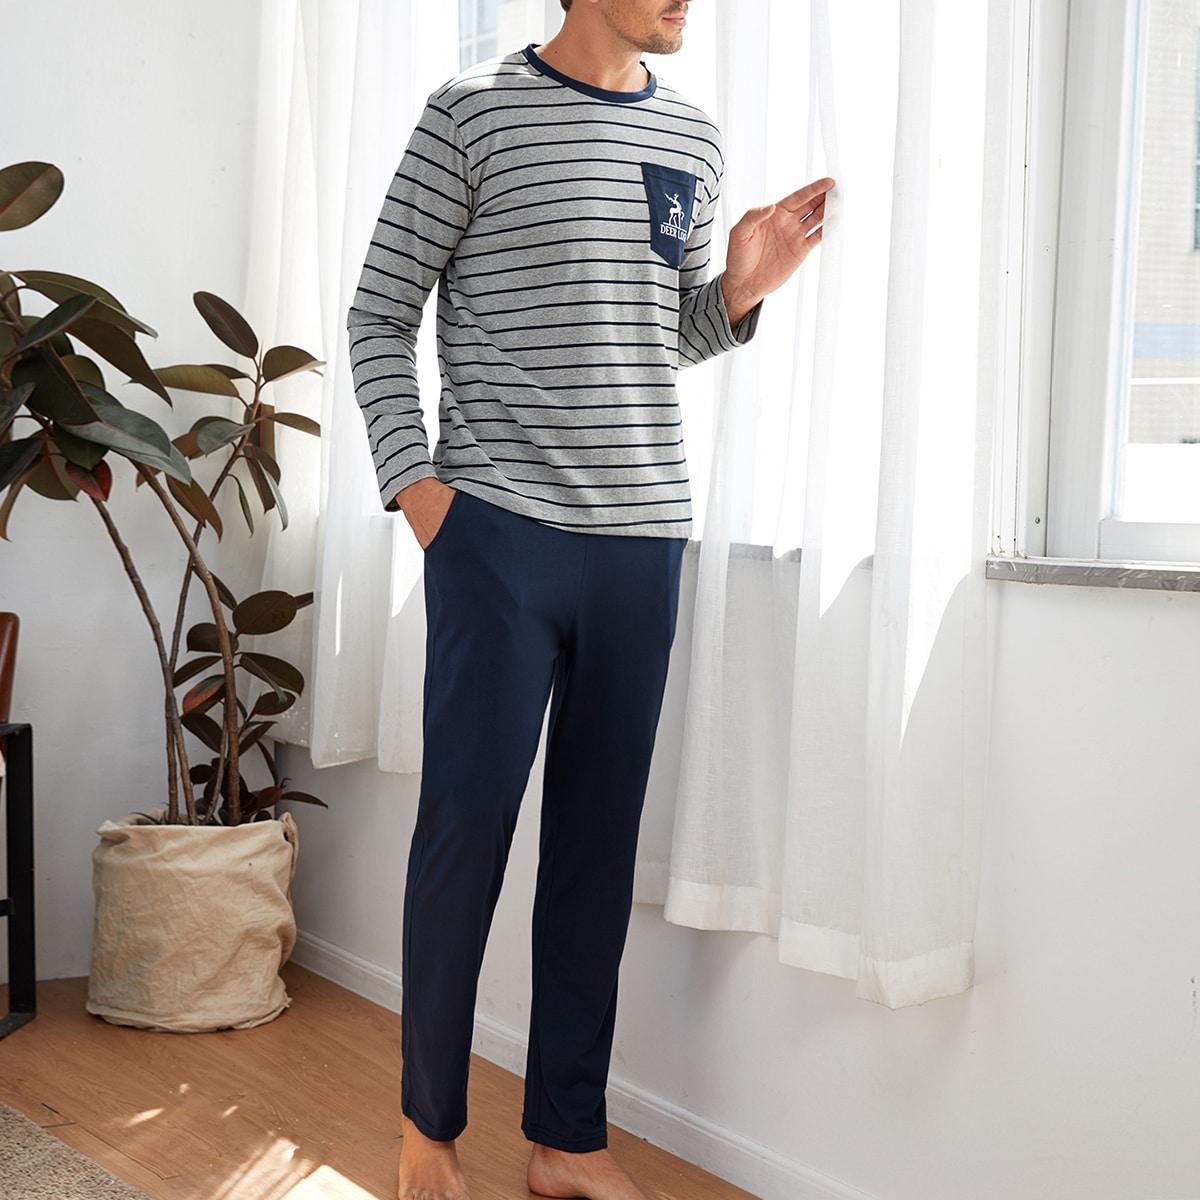 Мужская пижама в полоску с карманом и текстовым принтом